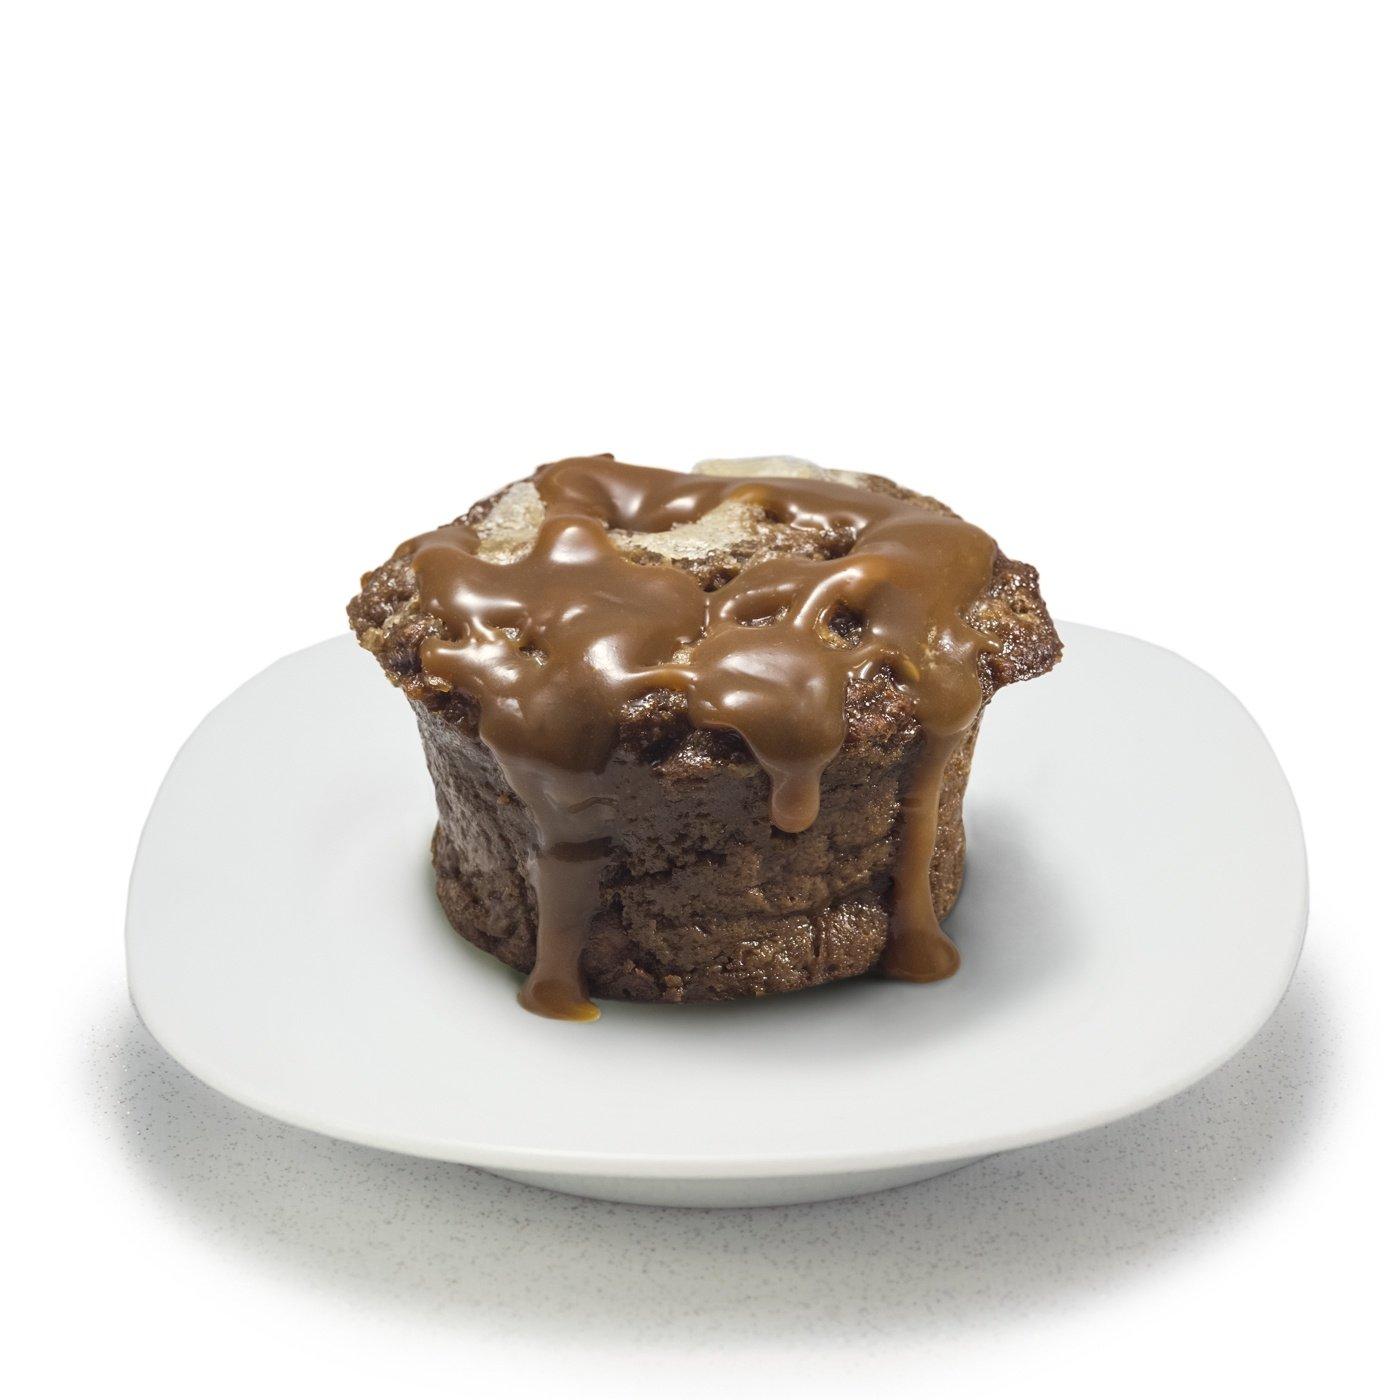 Bread Pudding - Dulce de leche